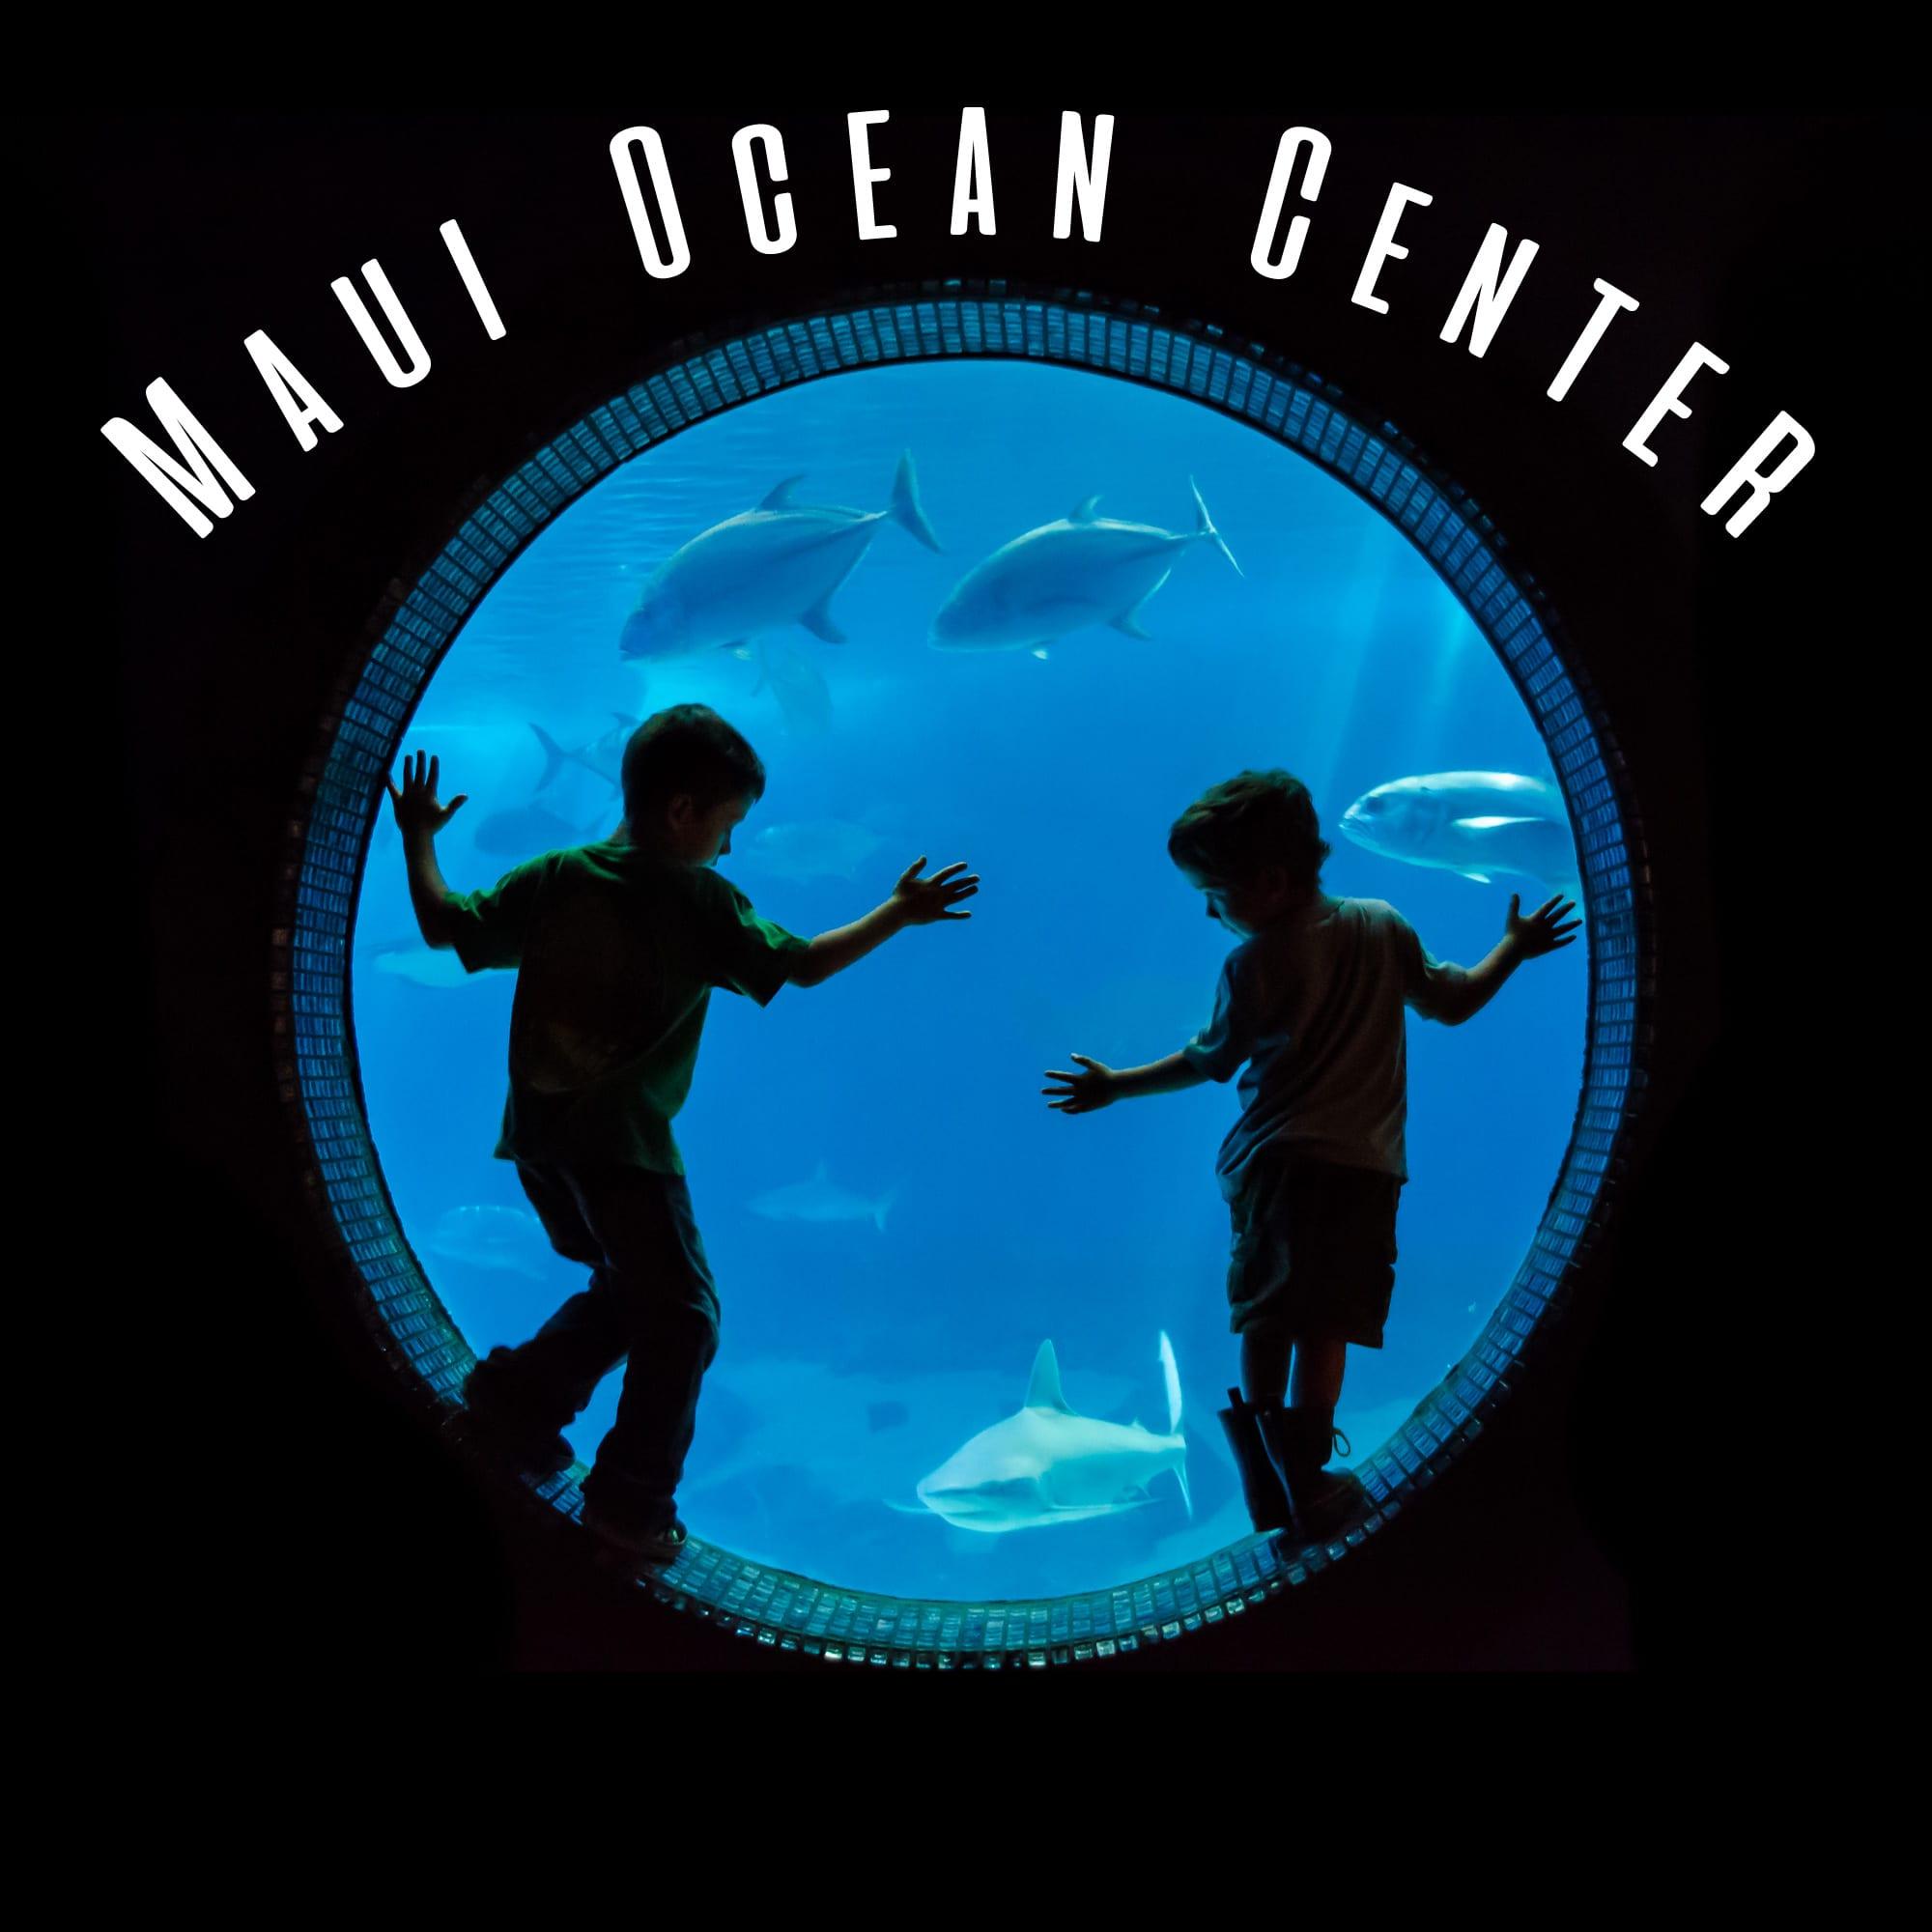 Maui Ocean Center Aquarium